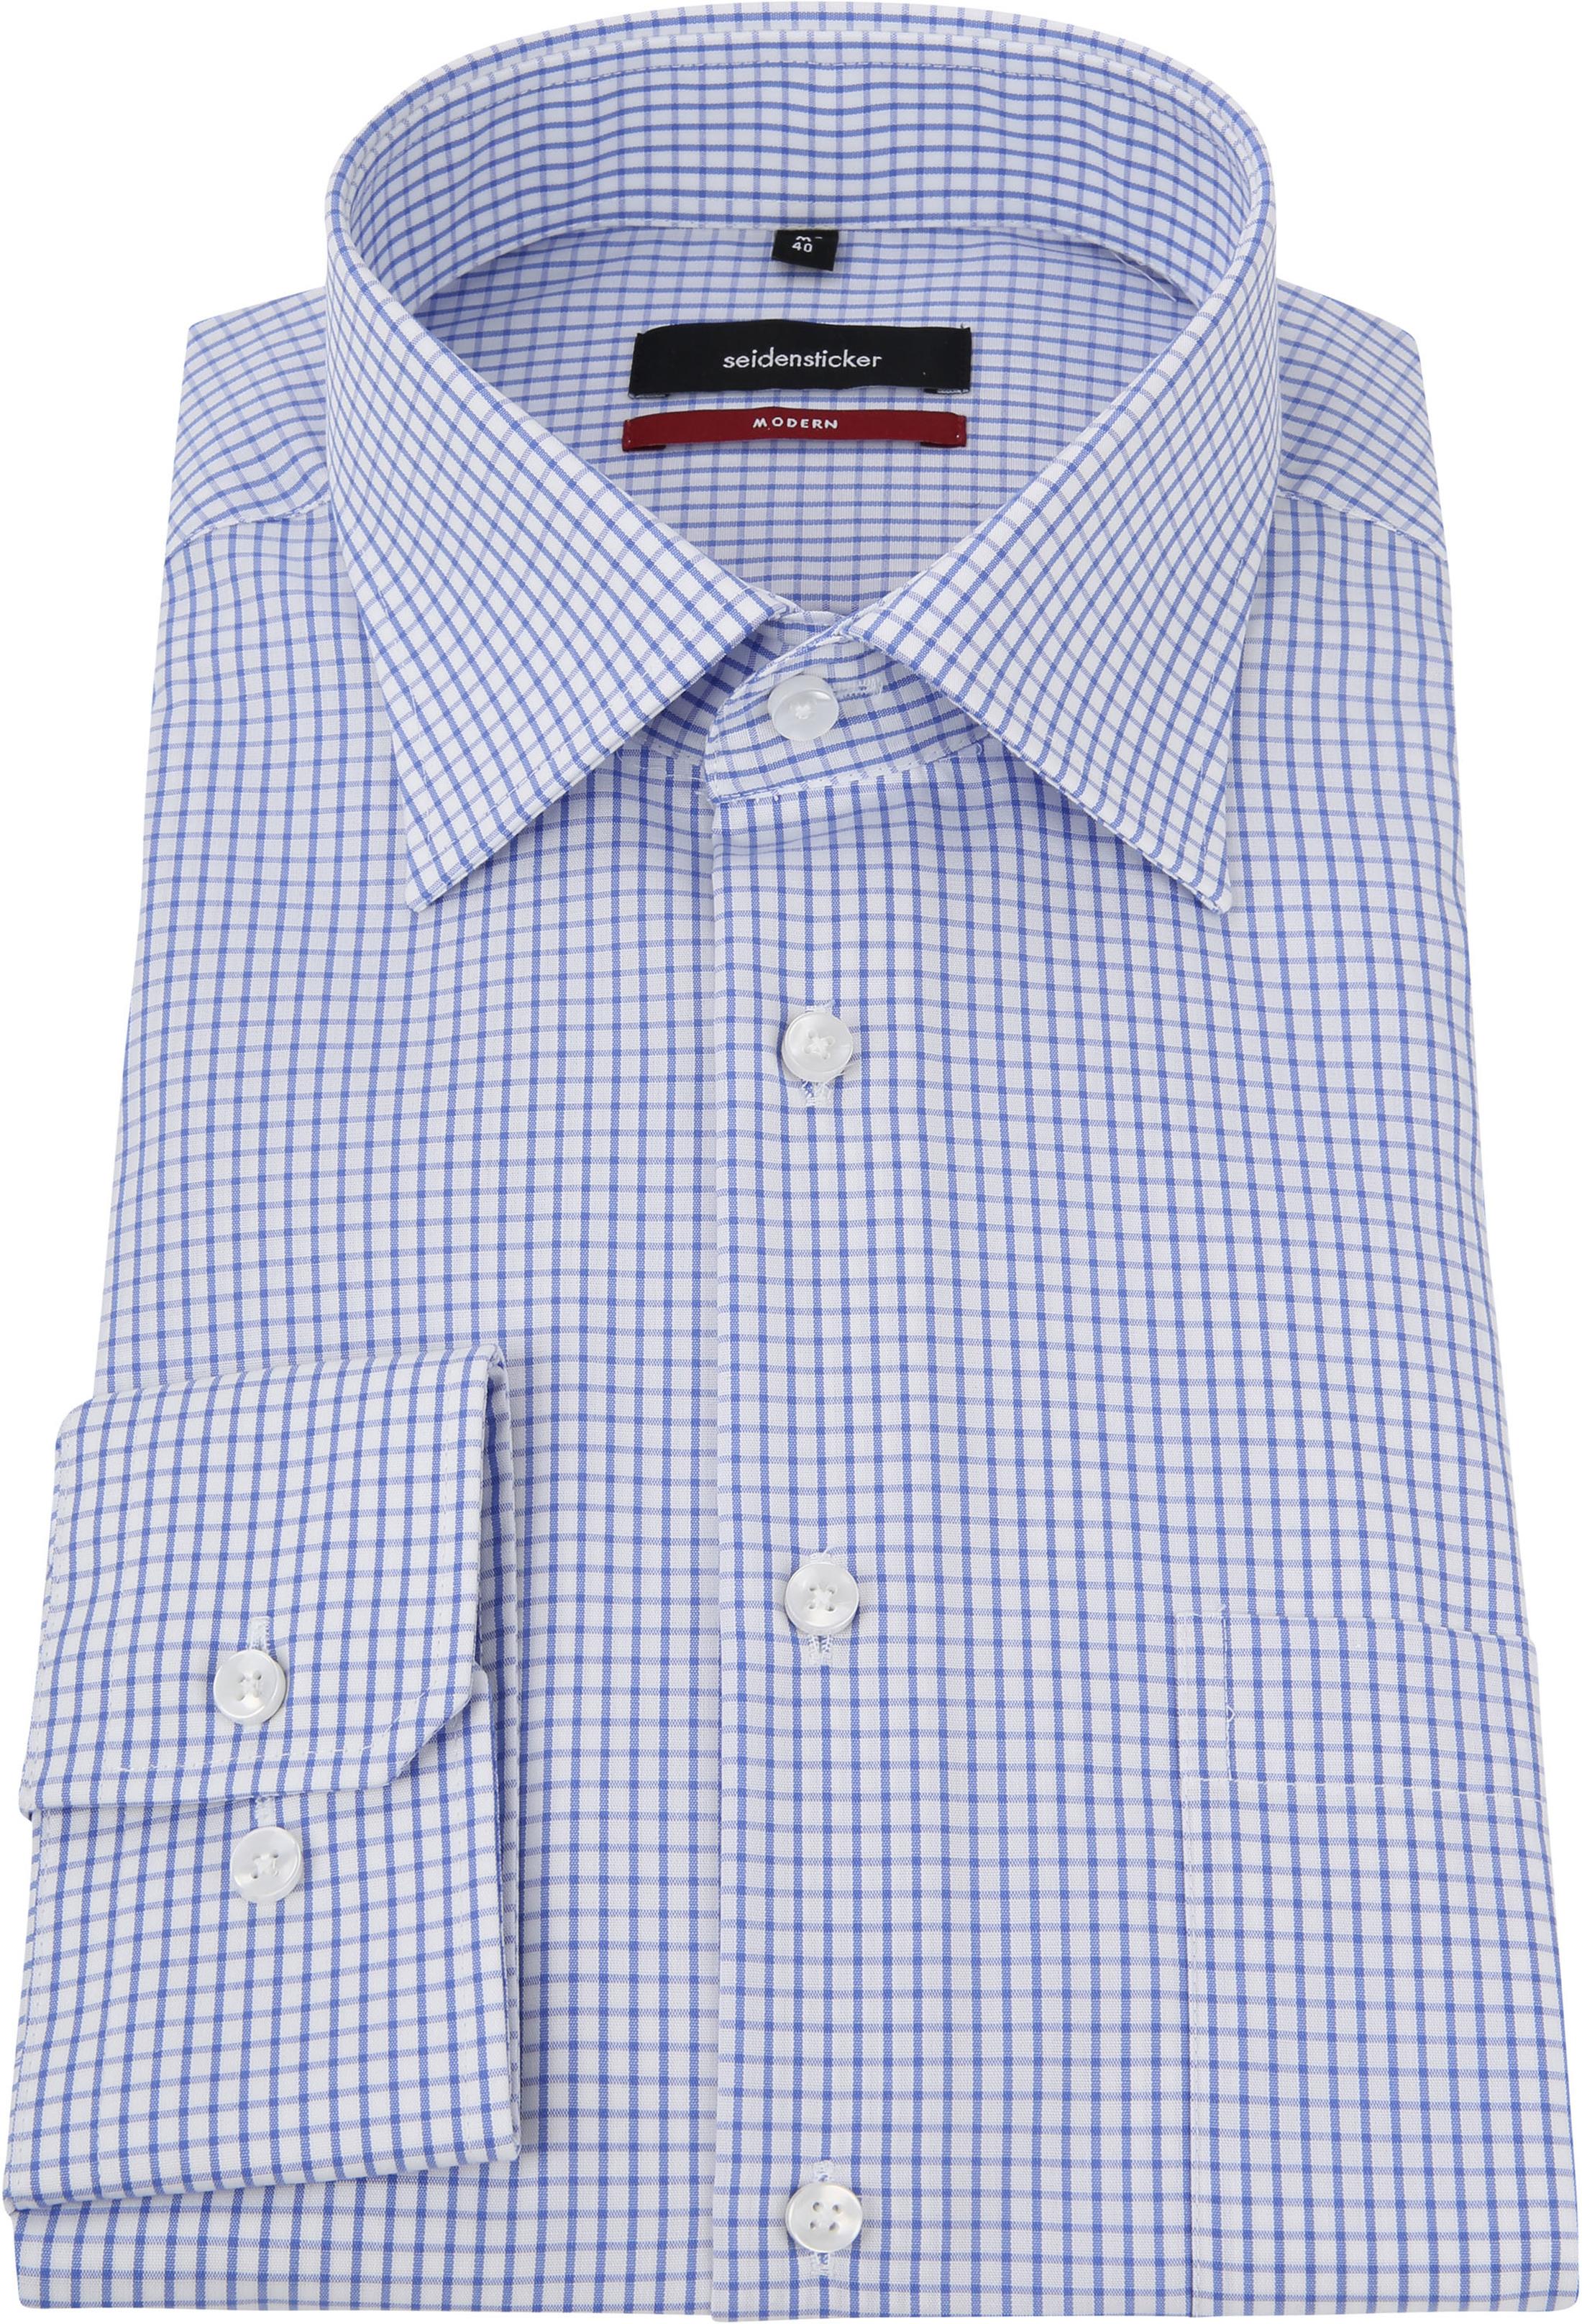 Seidensticker Hemd Bügelfrei Modern Blau Weiß Kariert foto 2